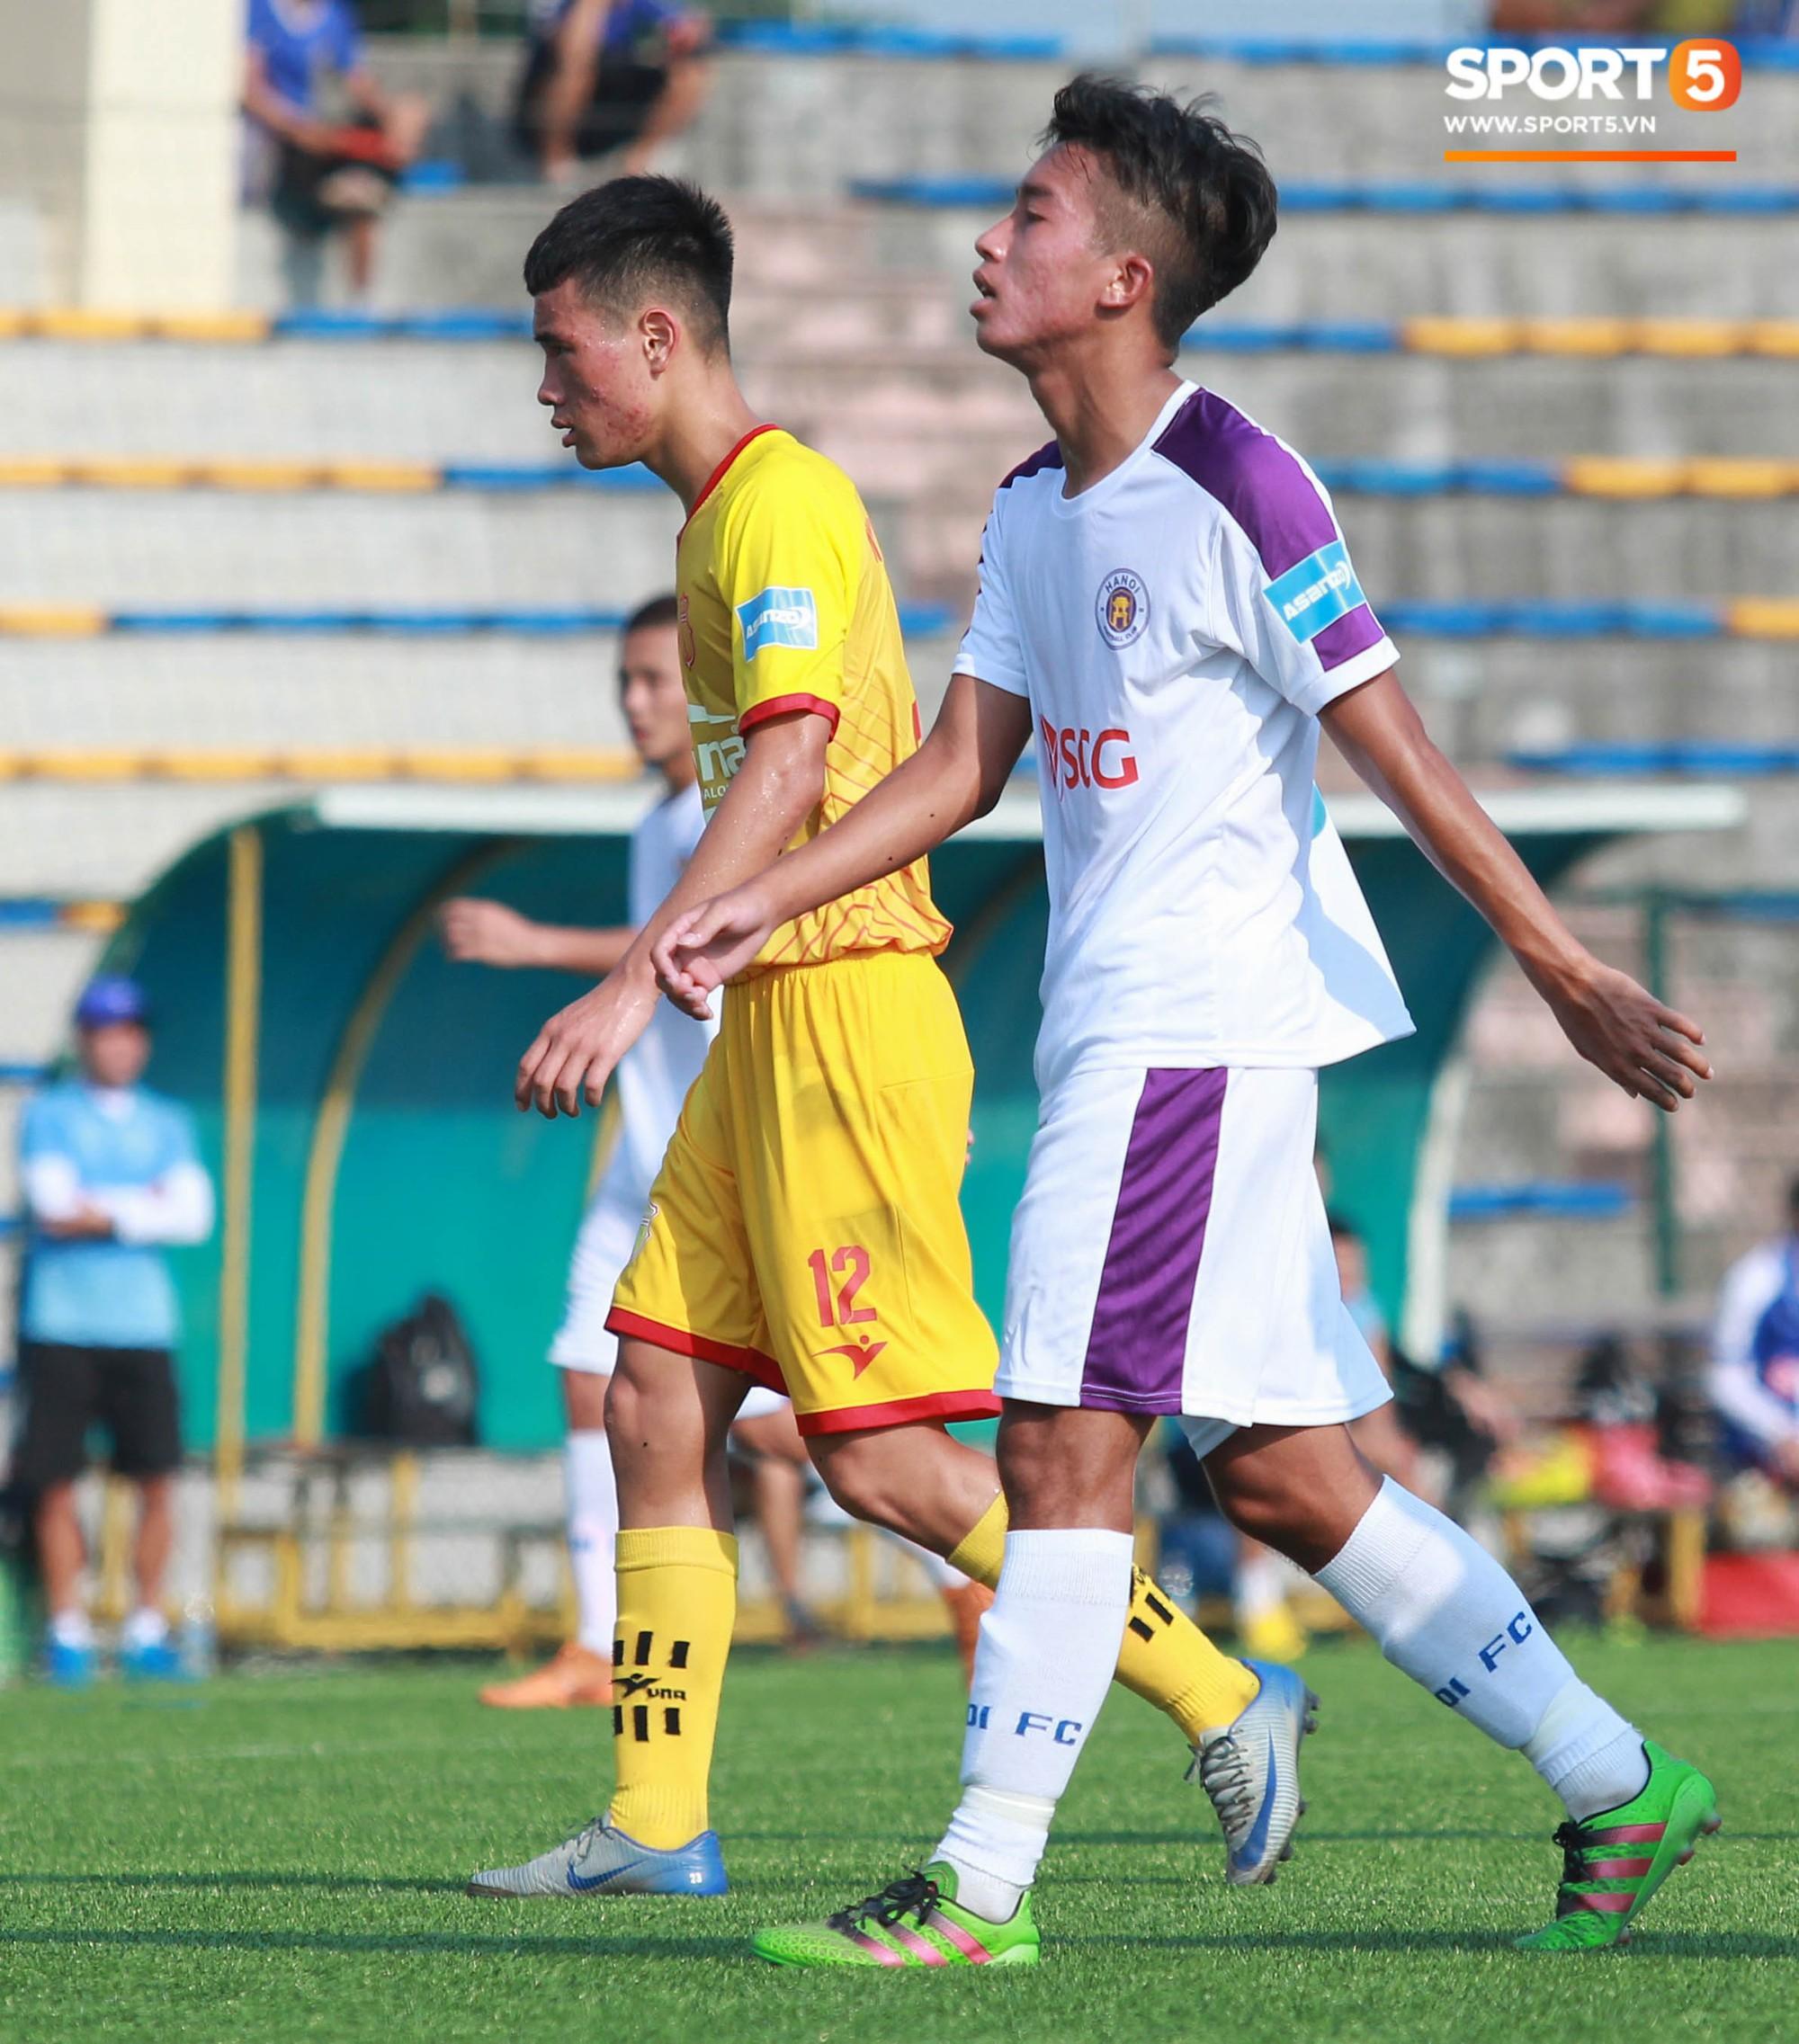 Thi đấu đầy quyết tâm dưới nhiệt độ gần 50 độ C, đàn em Quang Hải nhận cái kết viên mãn trong trận ra quân tại giải Hạng Nhì QG 2019 - Ảnh 2.